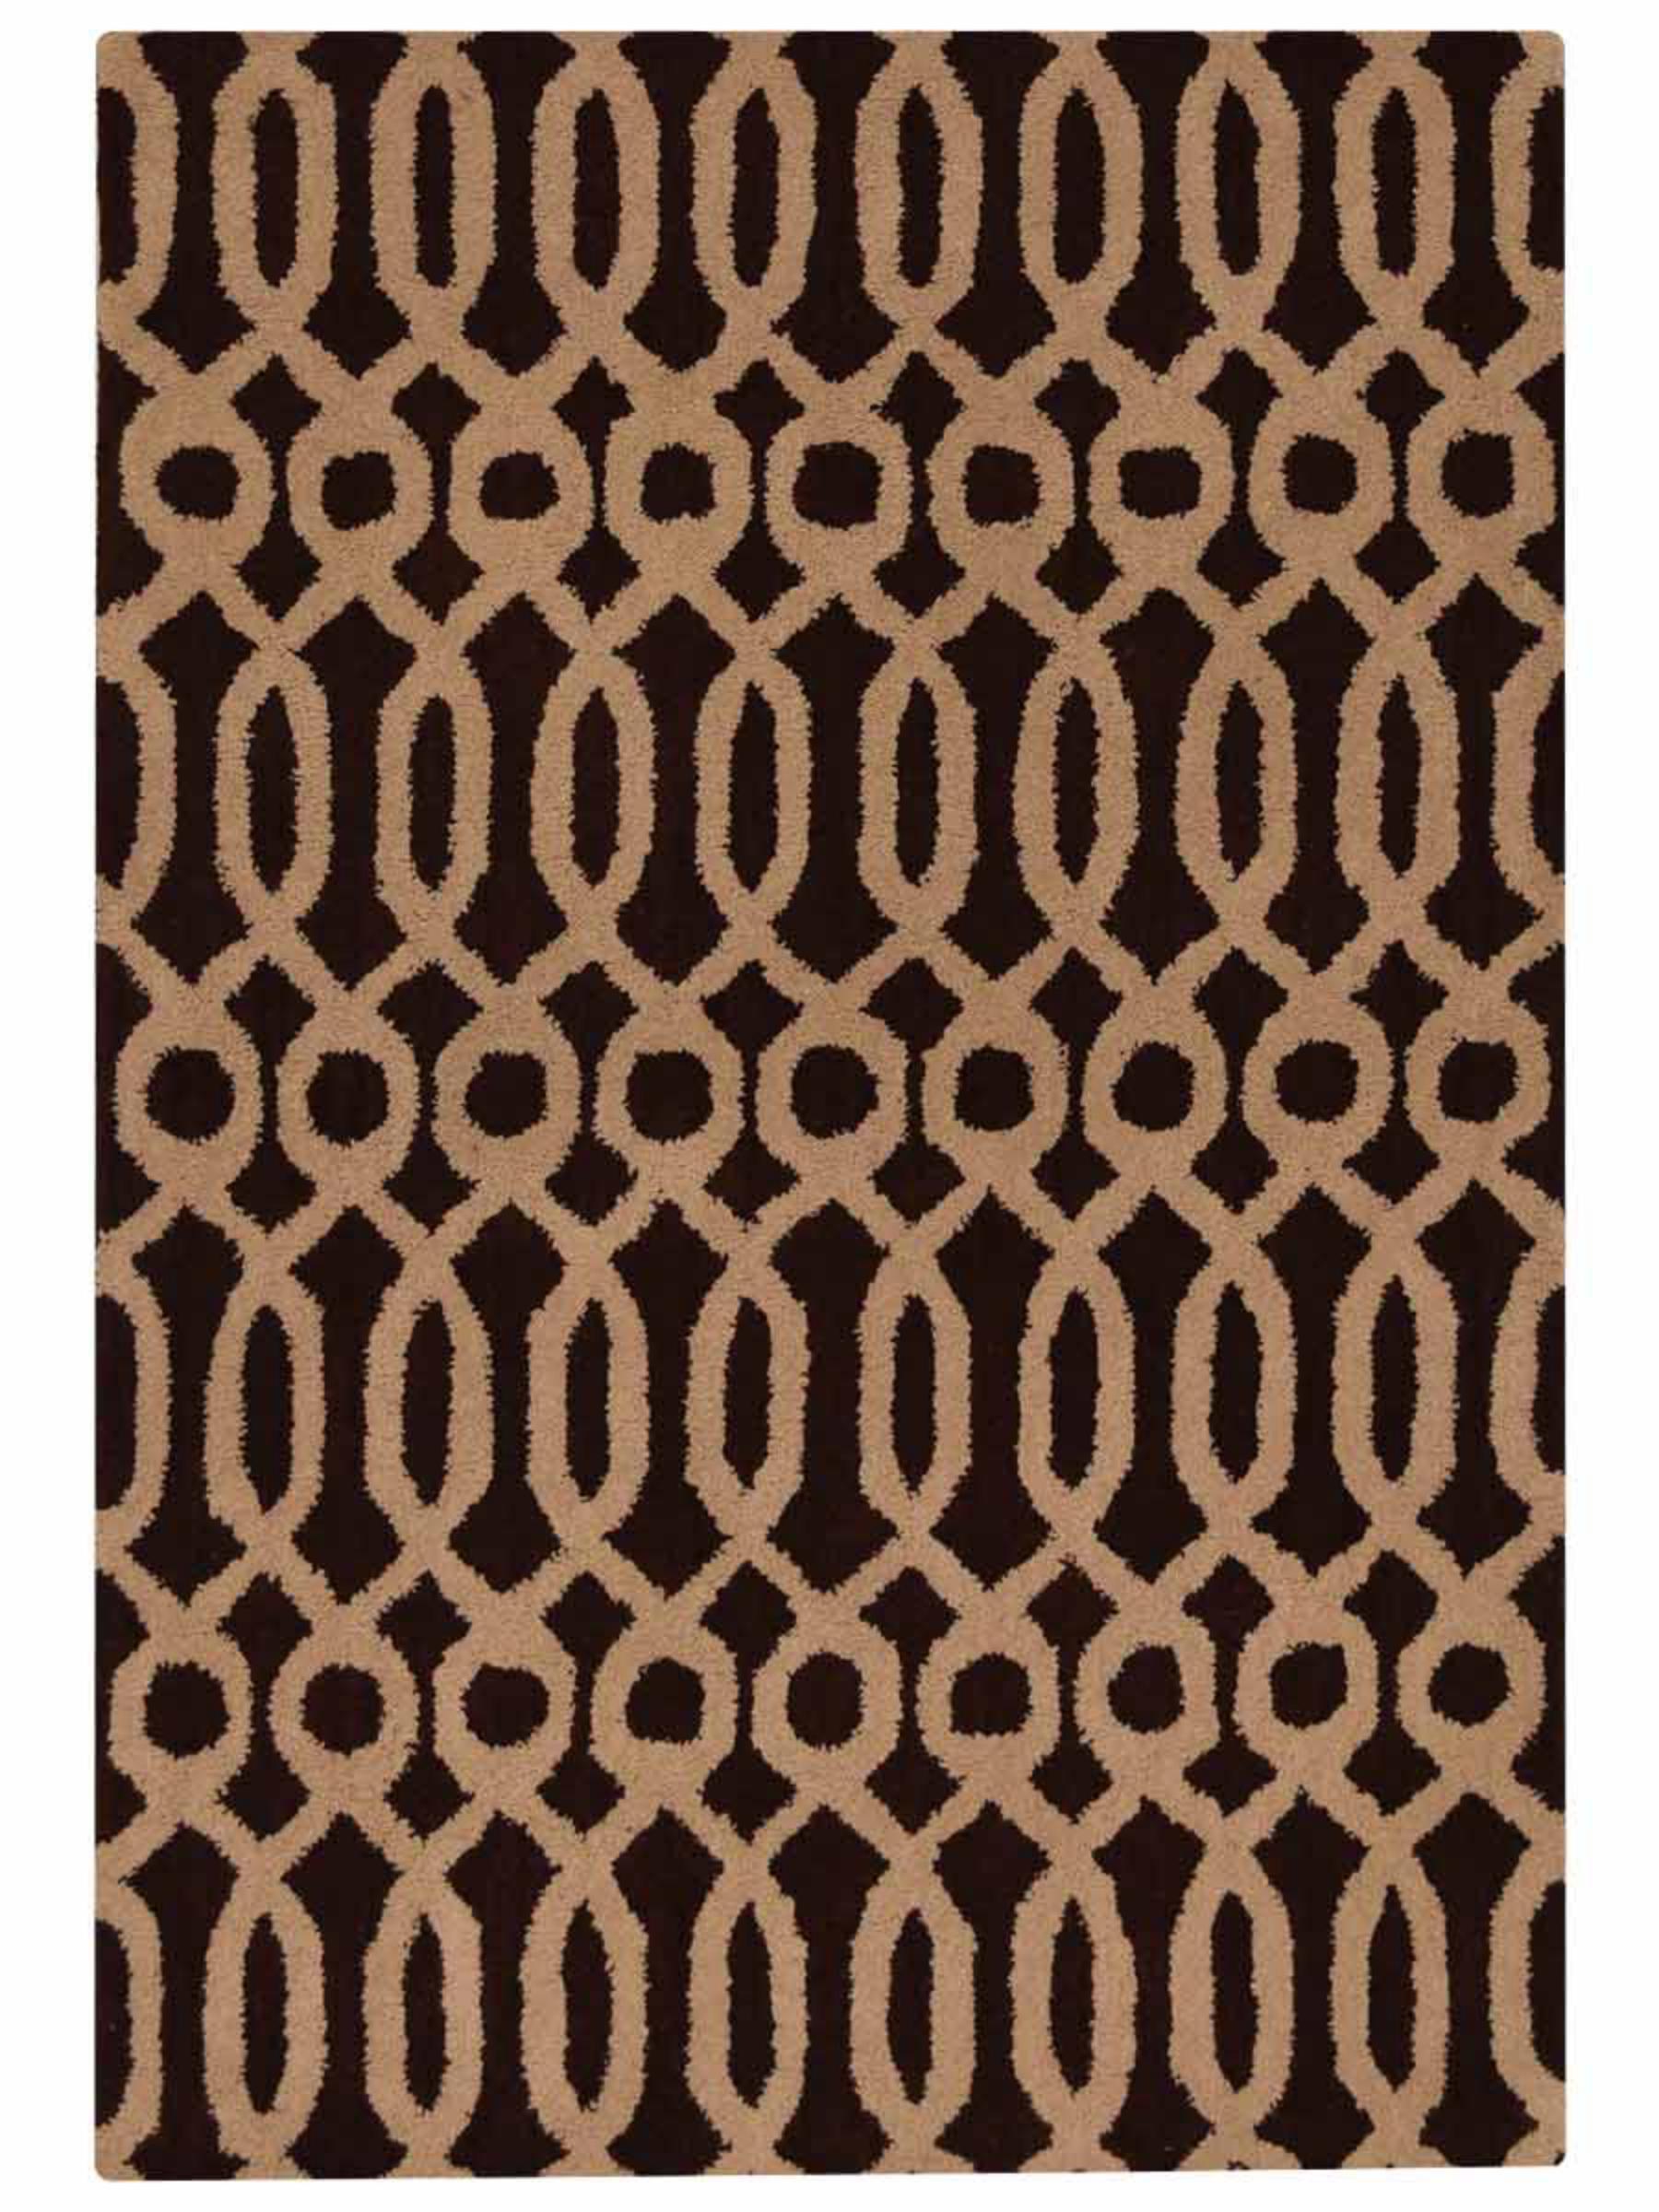 Brayden Studio Friedensburg Abstract Handmade Tufted Wool Beige Area Rug Wayfair